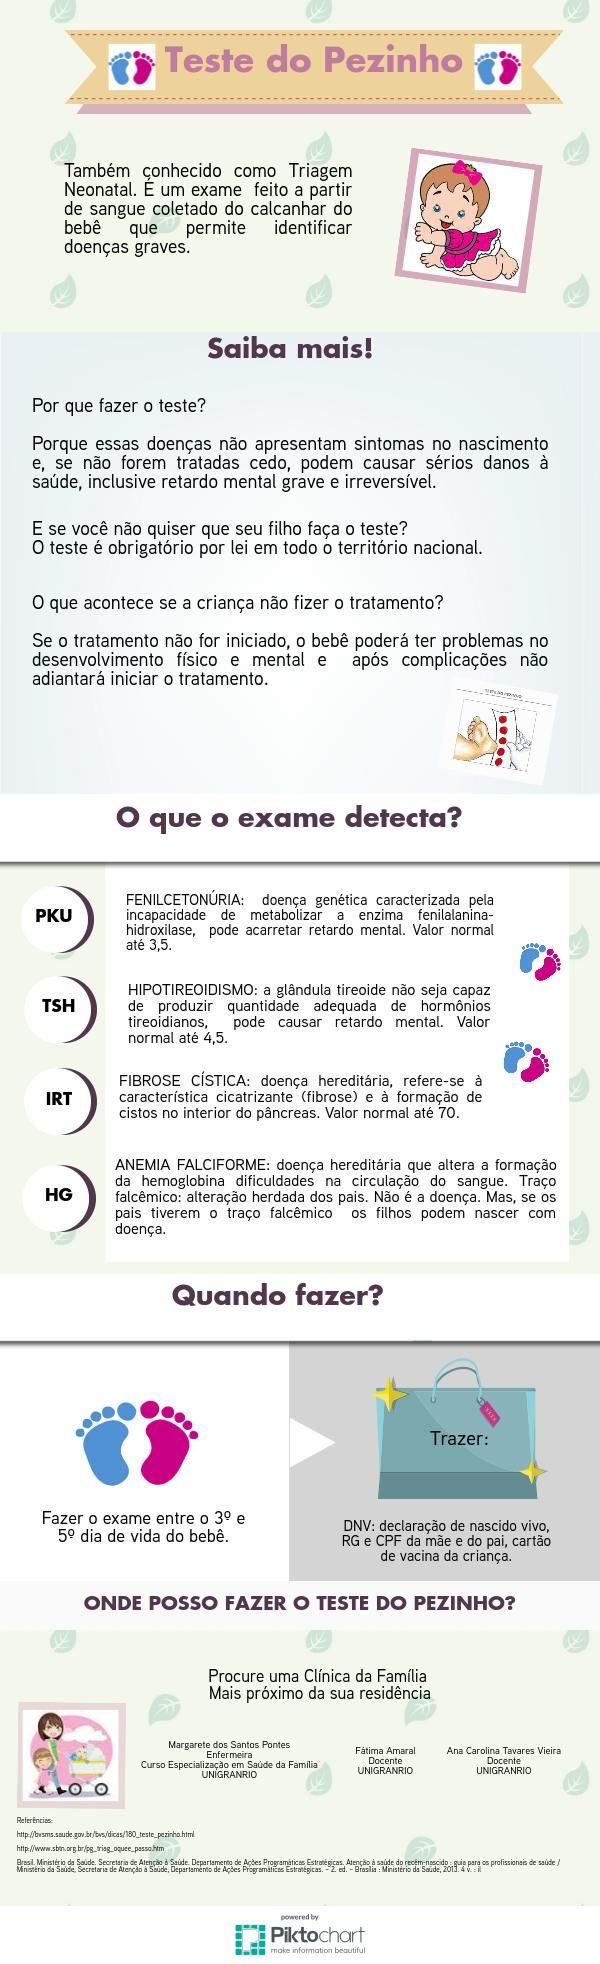 Teste do Pezinho   Piktochart Infographic Editor